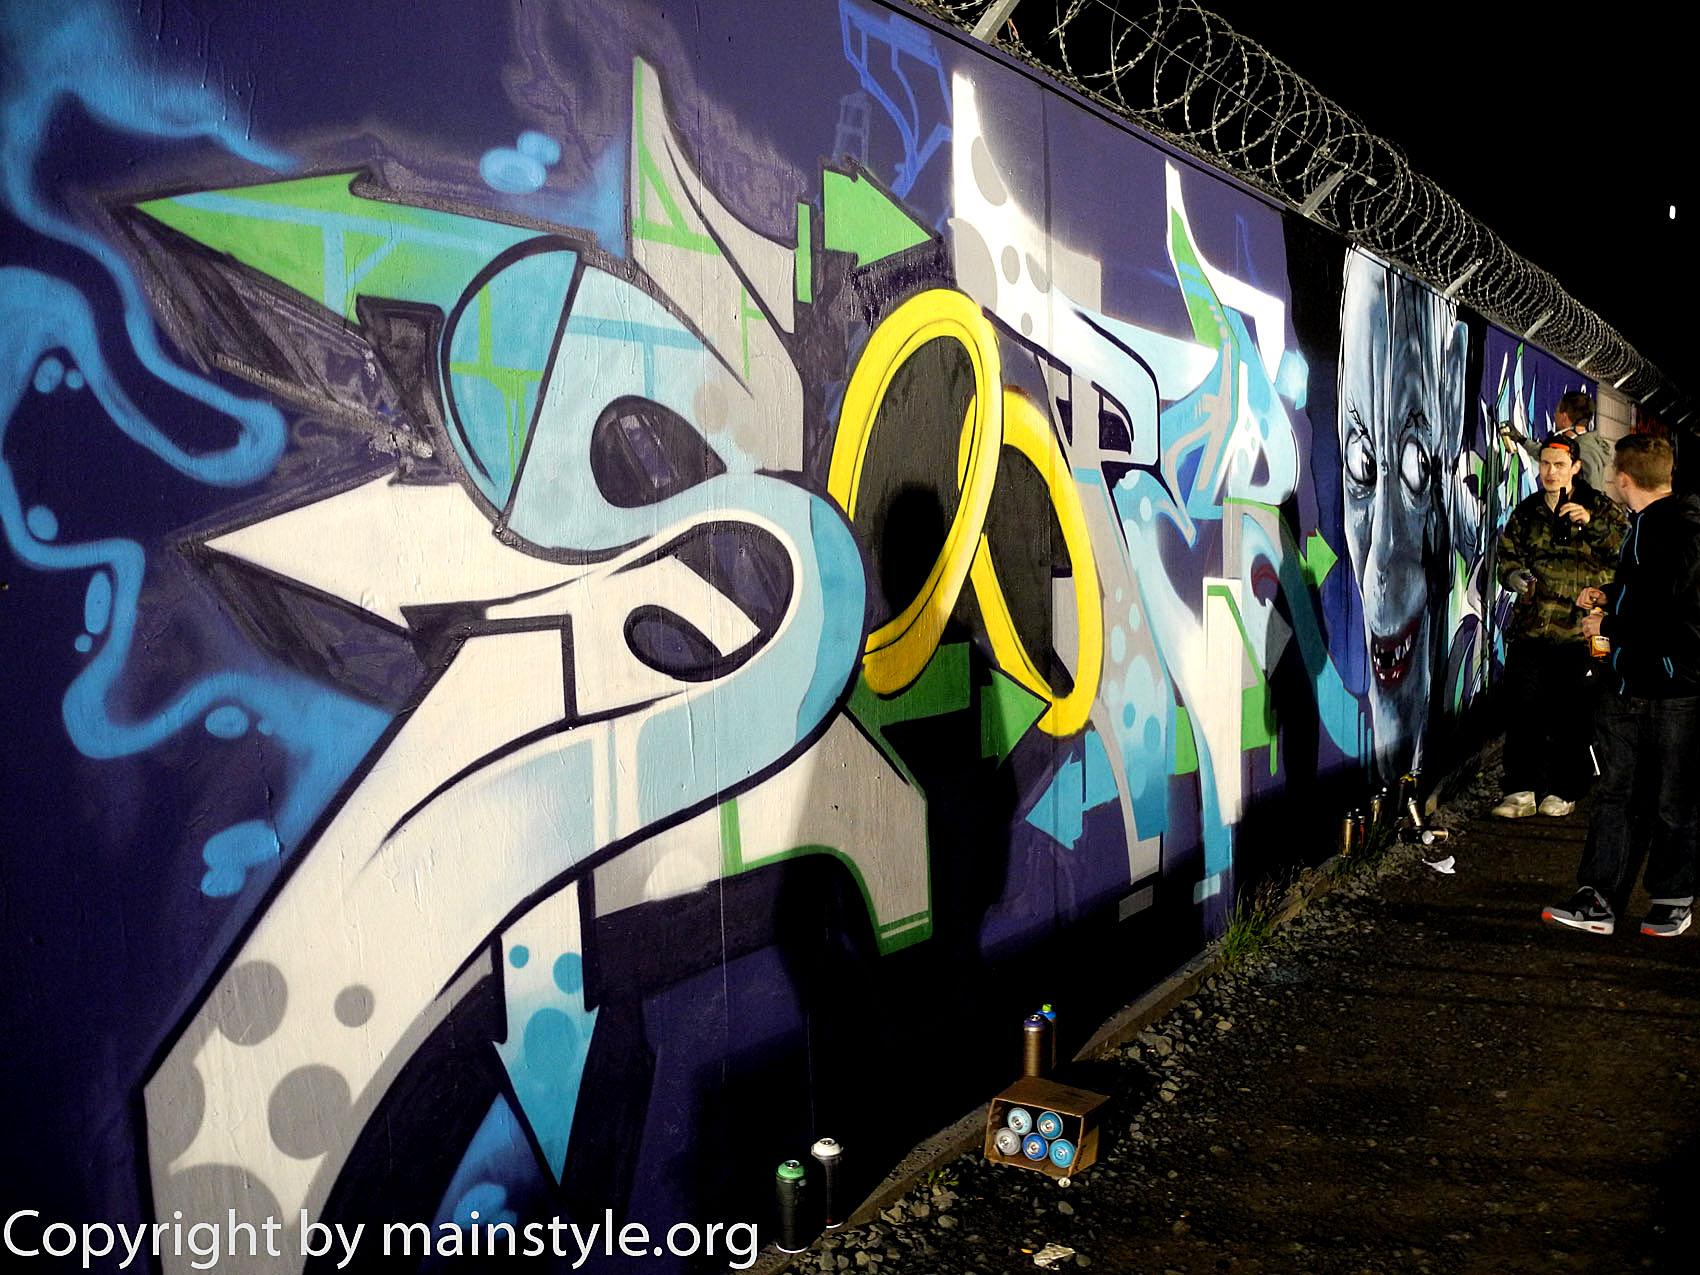 Frankfurt_Nacht_der_Museen_Graffiti_EZB_2013_-203